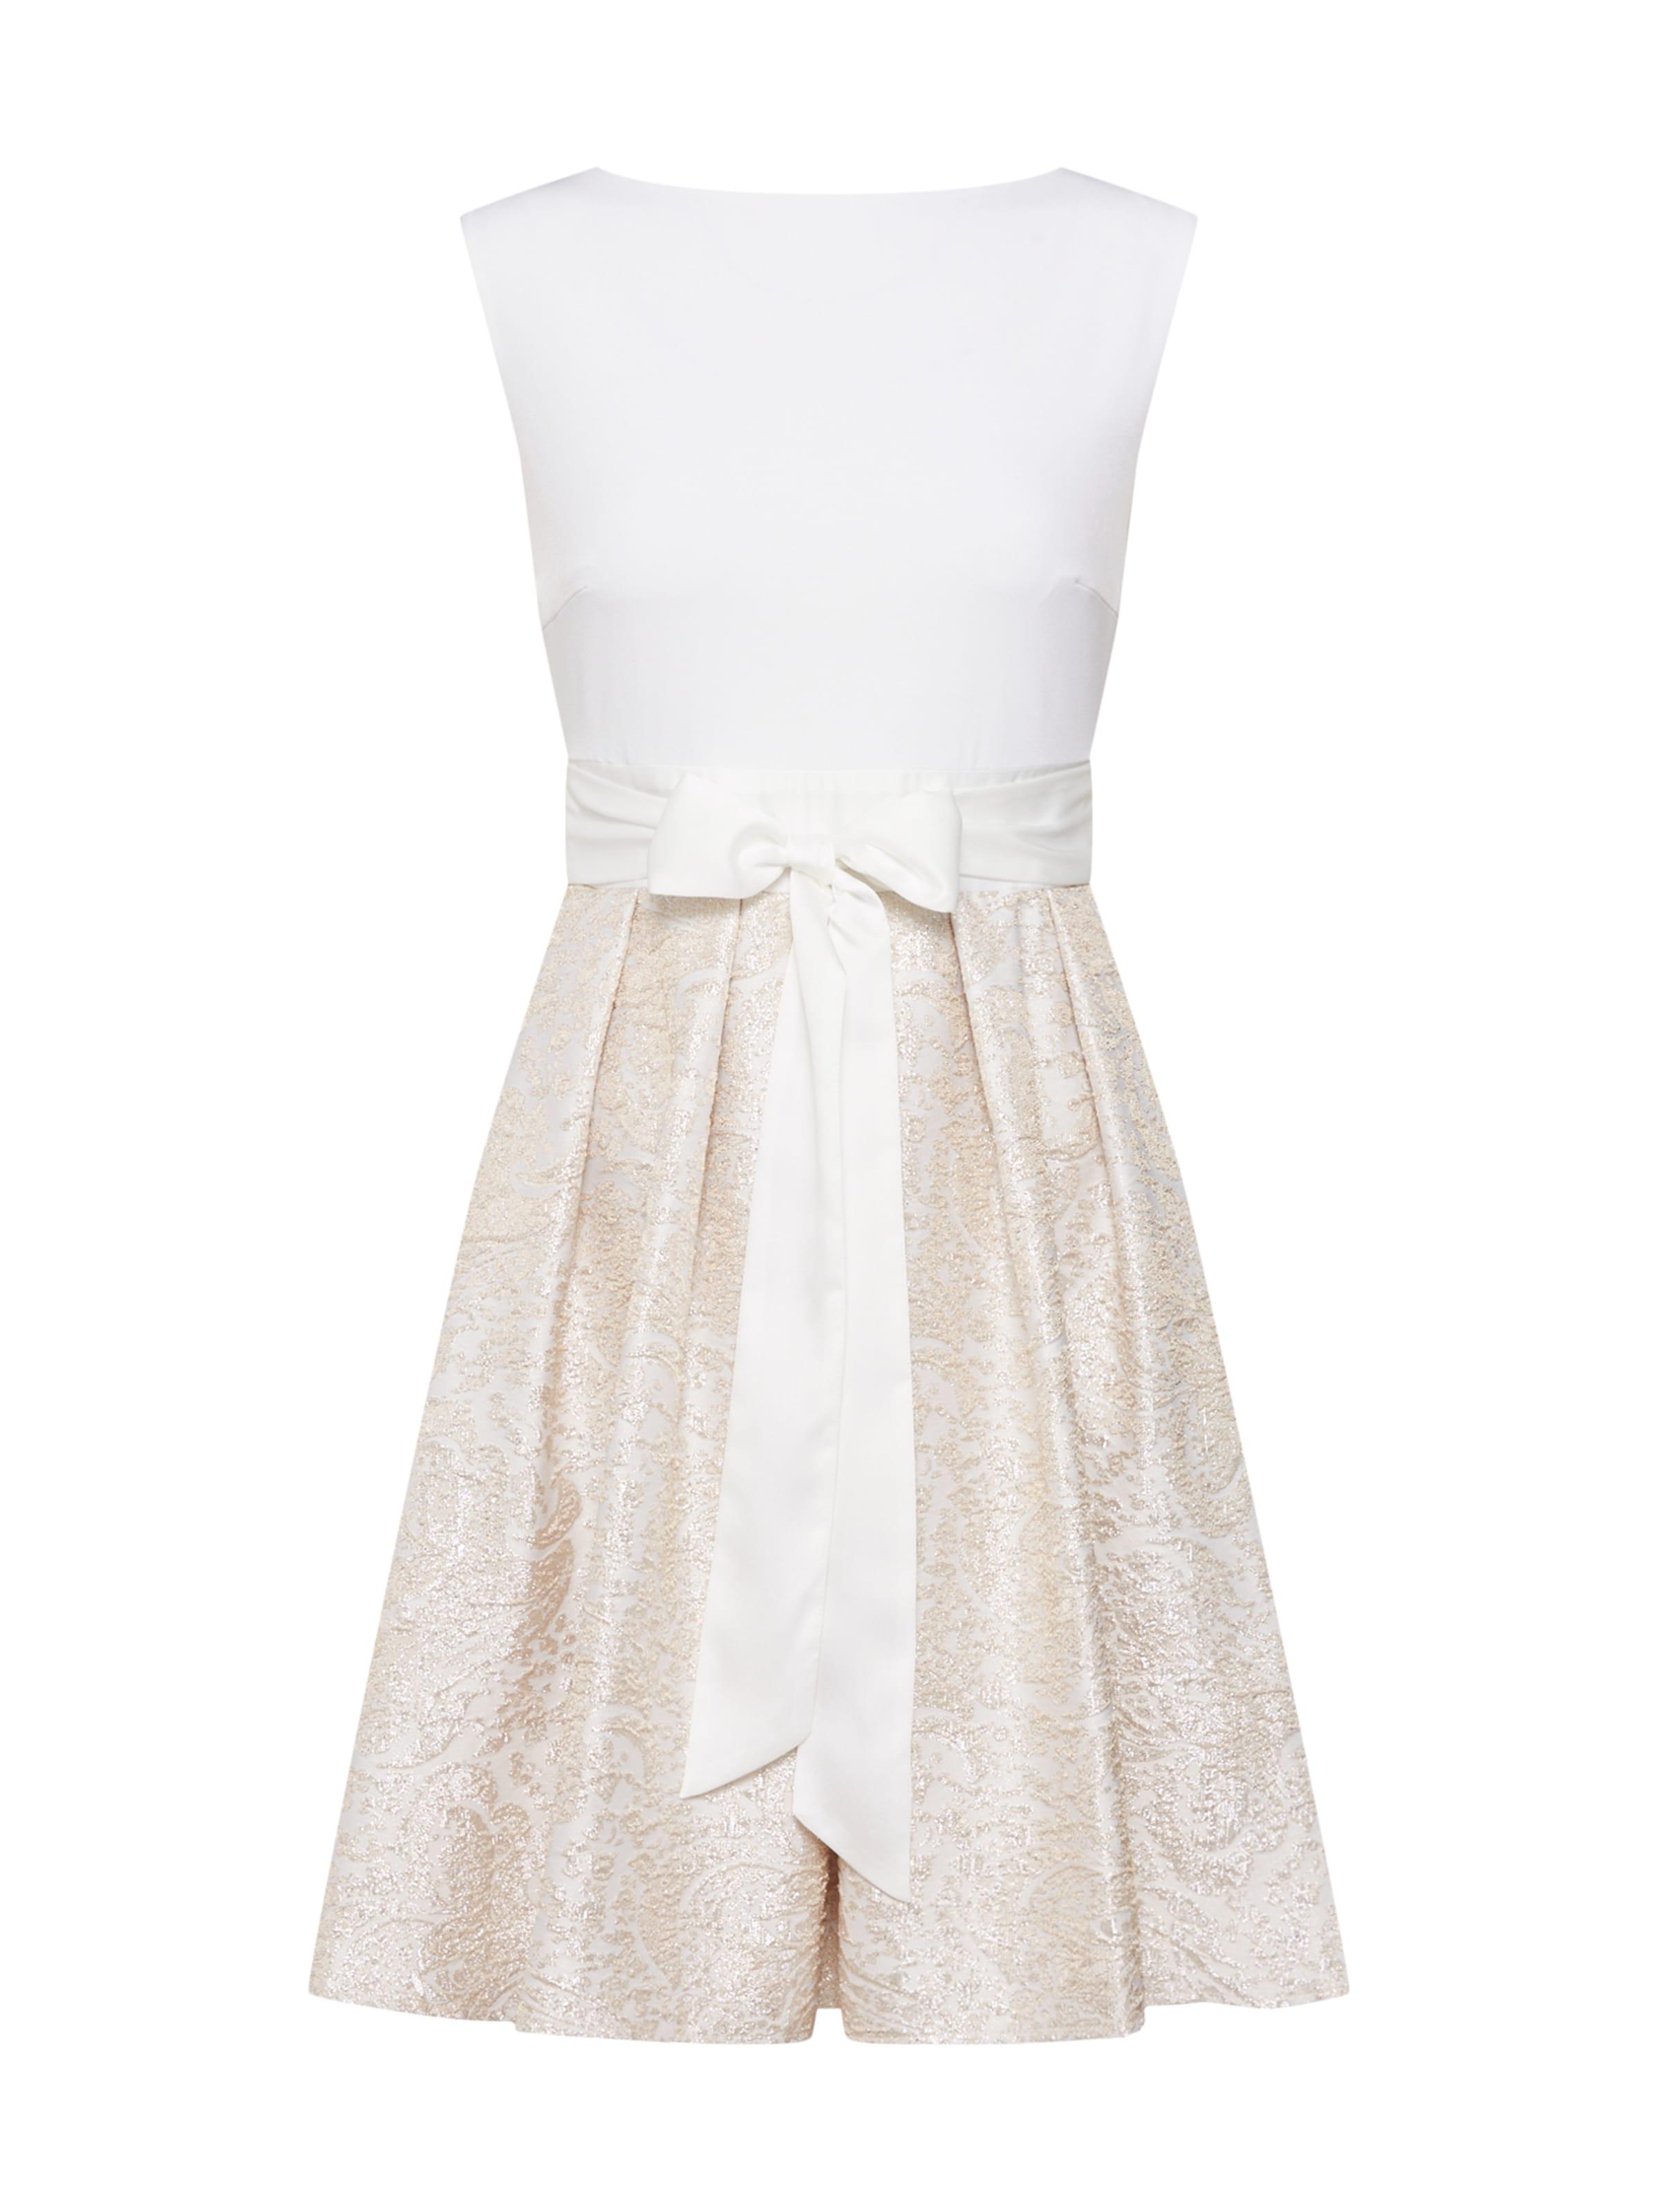 In Weiß Swing Kleid Swing CremeGold Owyn0N8vm